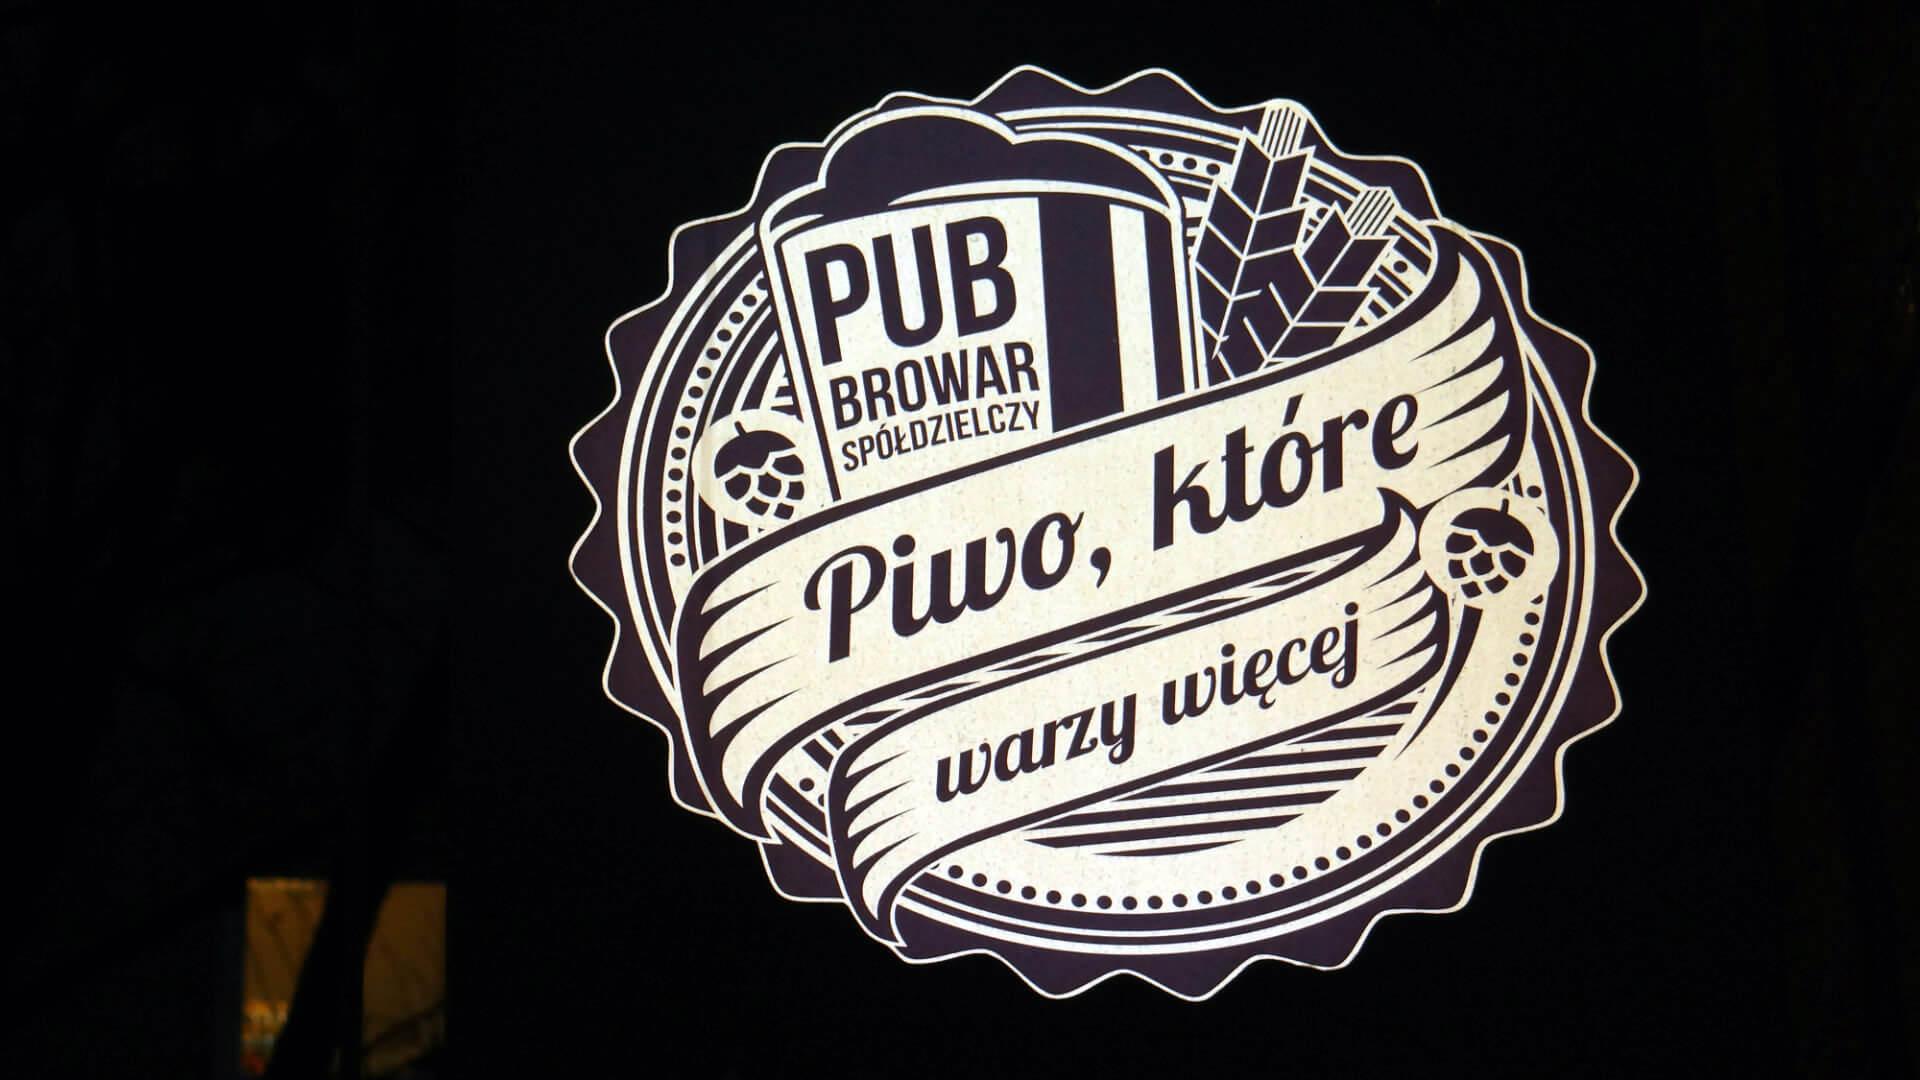 Pub Browar Spółdzielczy in Garnizon.